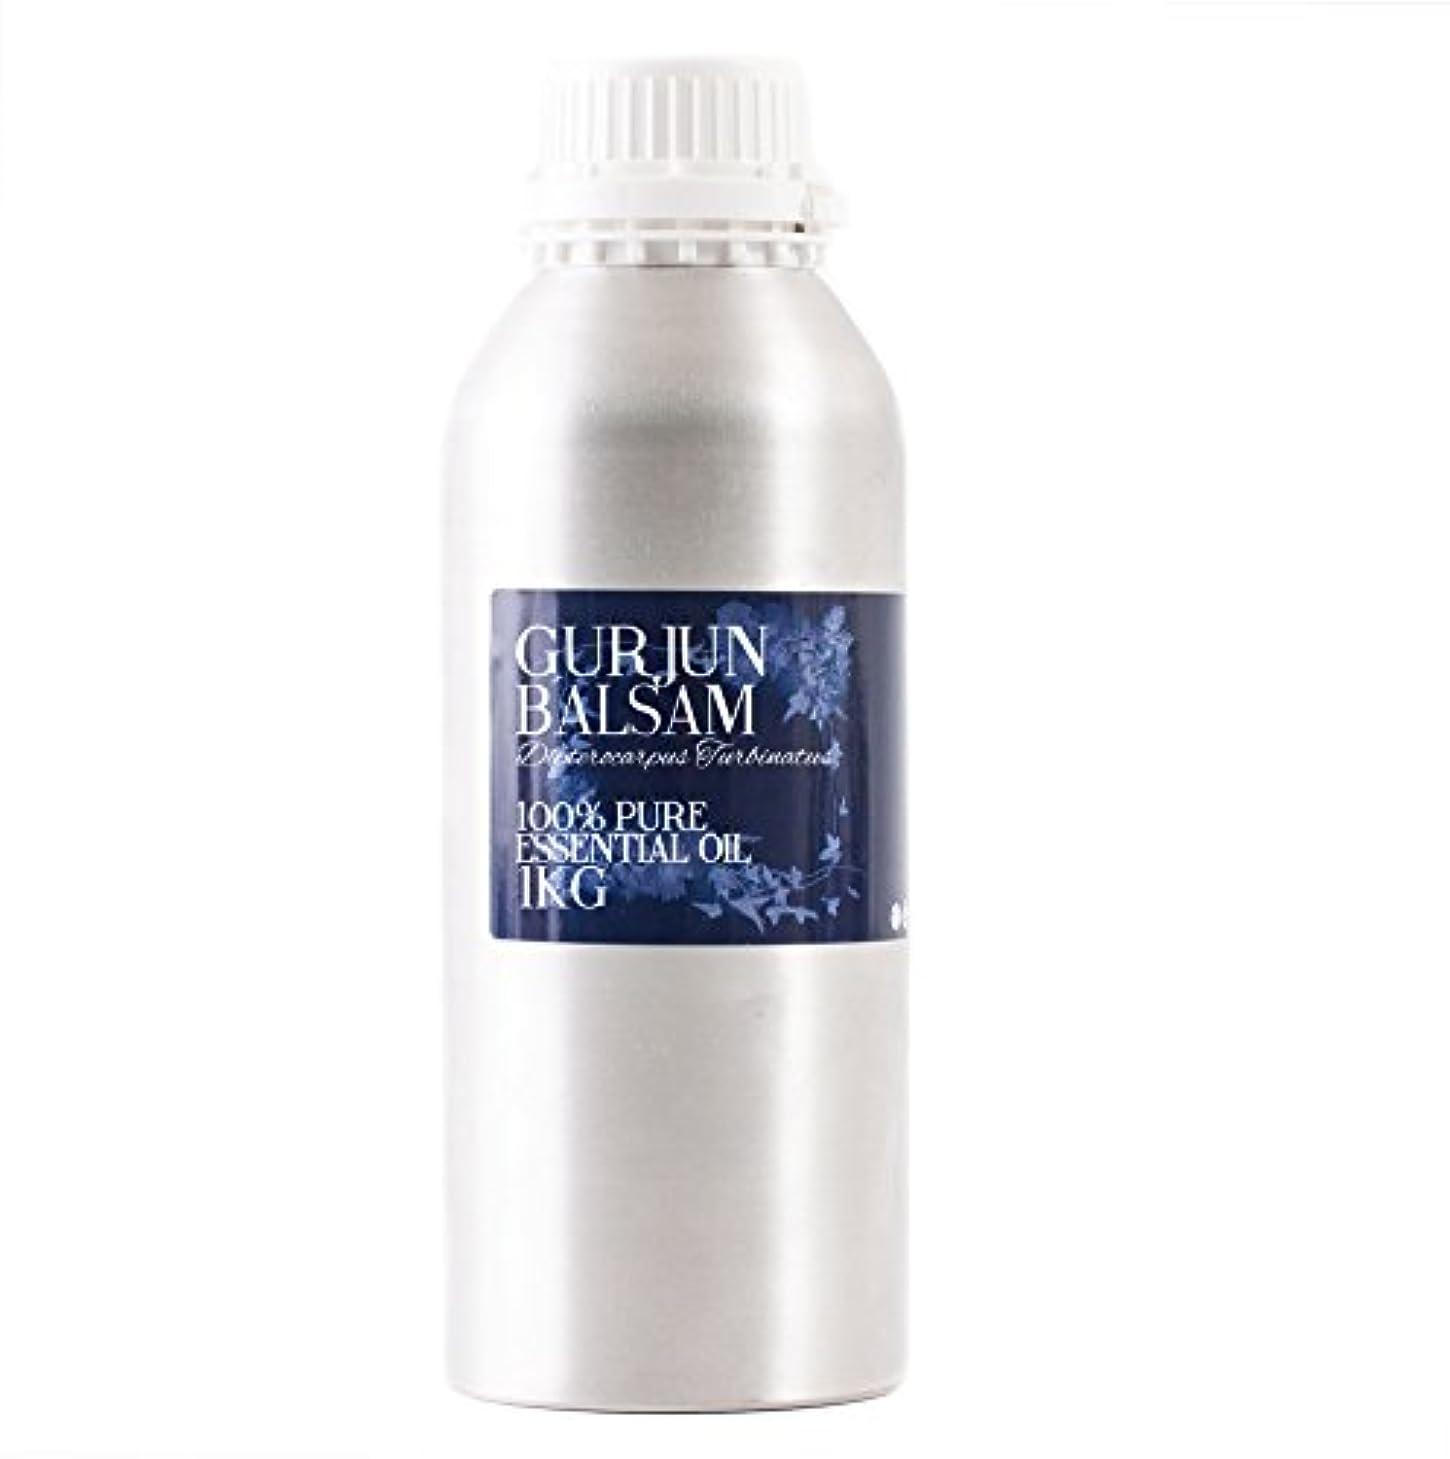 アンカー生寄生虫Mystic Moments | Gurjun Balsam Essential Oil - 1Kg - 100% Pure